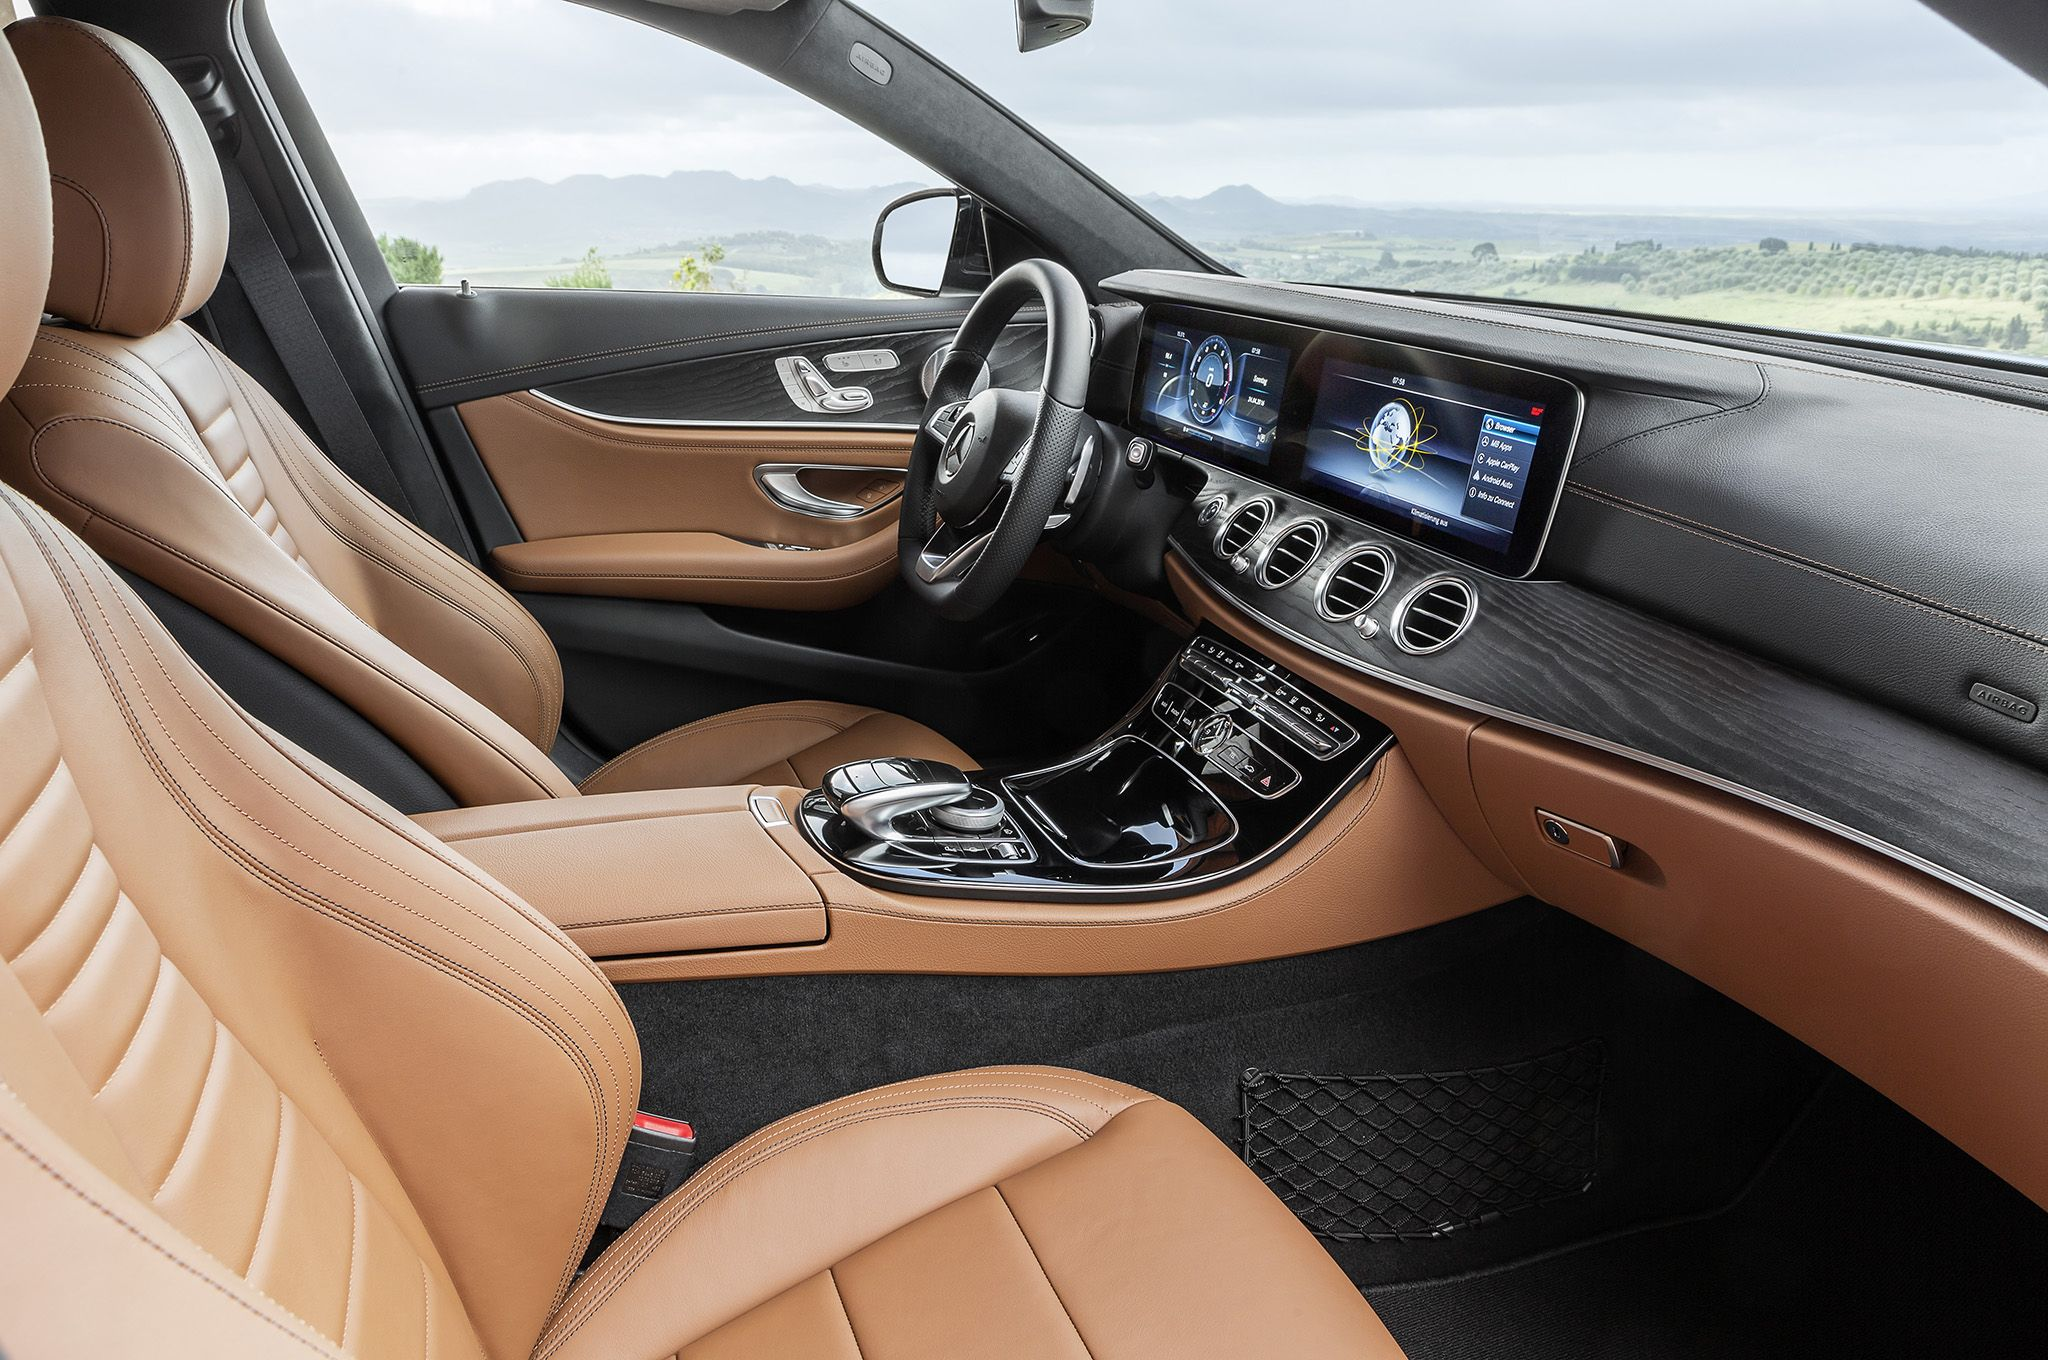 Mercedes E-Class All-Terrain Backgrounds